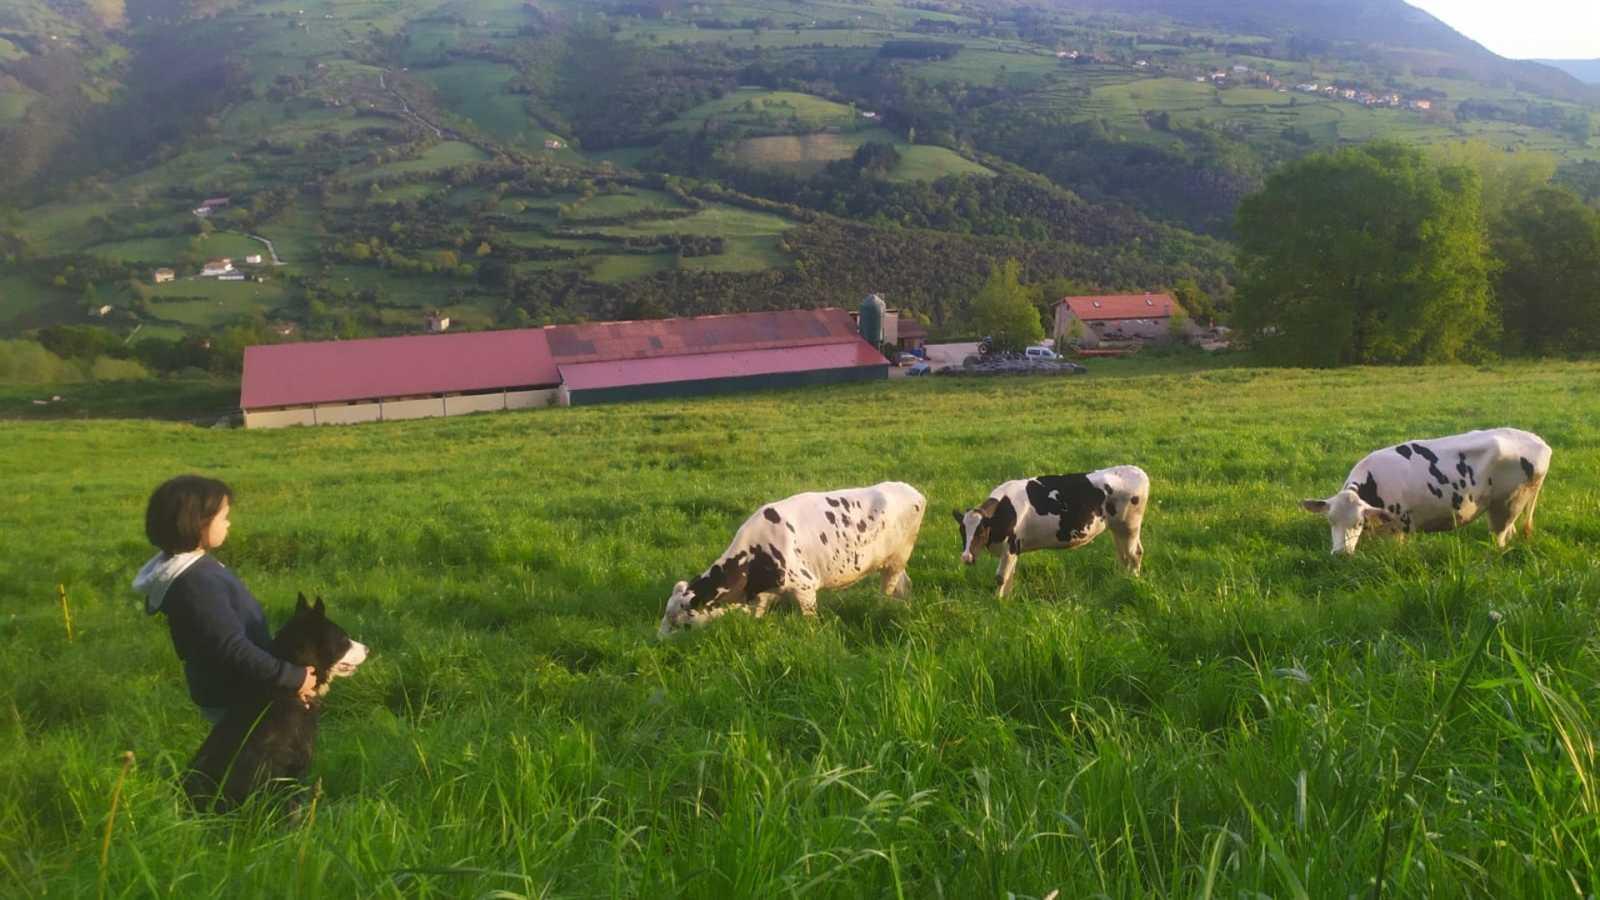 Por tres razones - La odisea de unos ganaderos con coronavirus - 06/05/20 - escuchar ahora